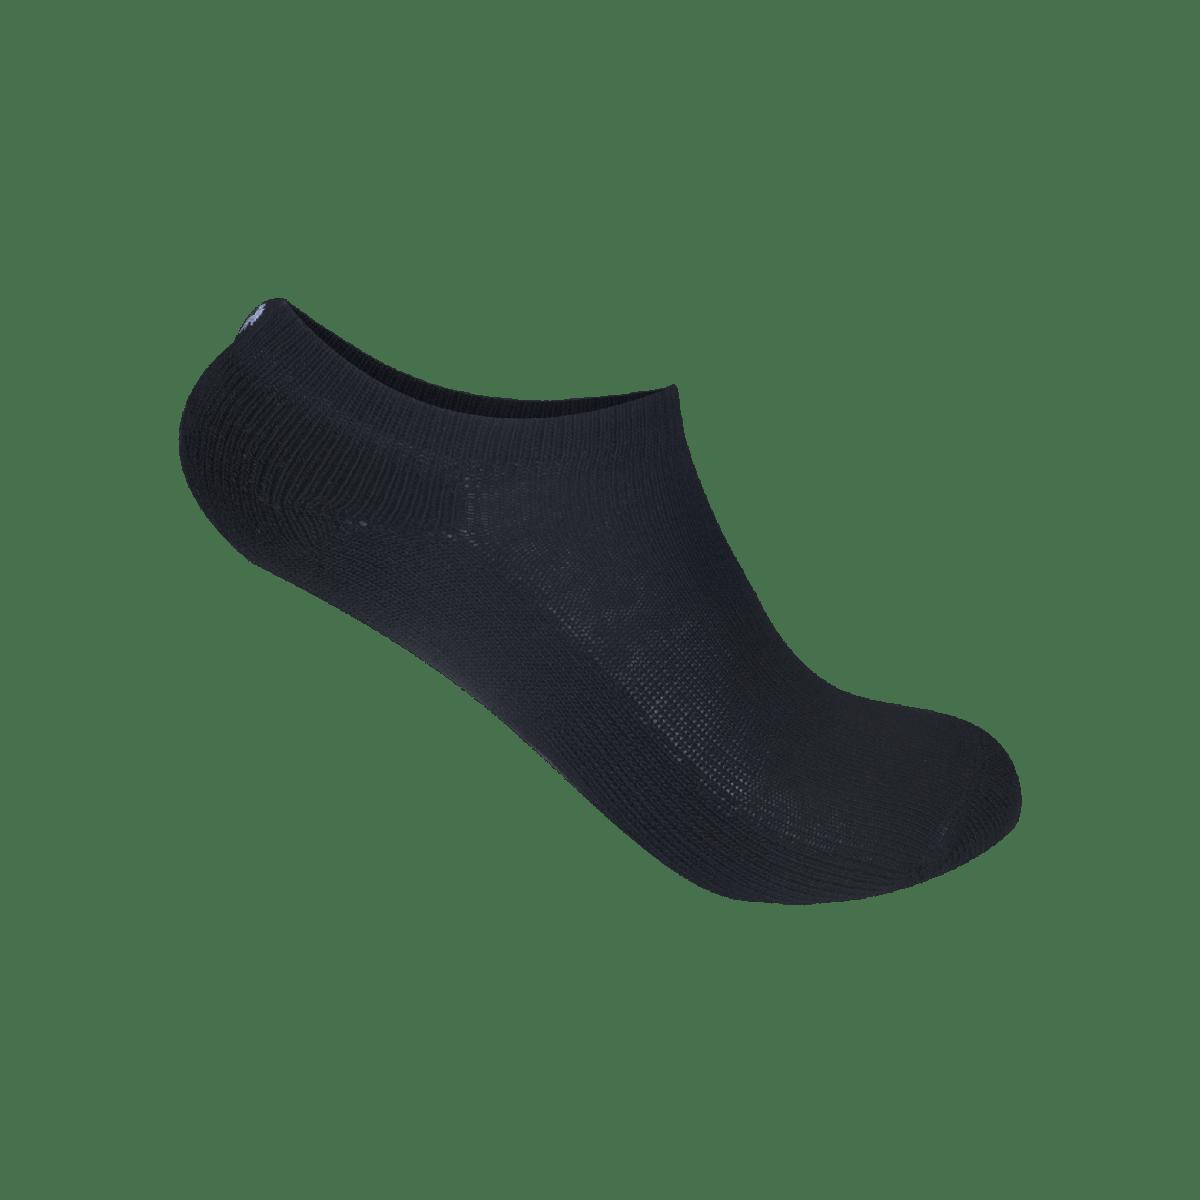 Meia-Asics-Basic-Pack-com-3